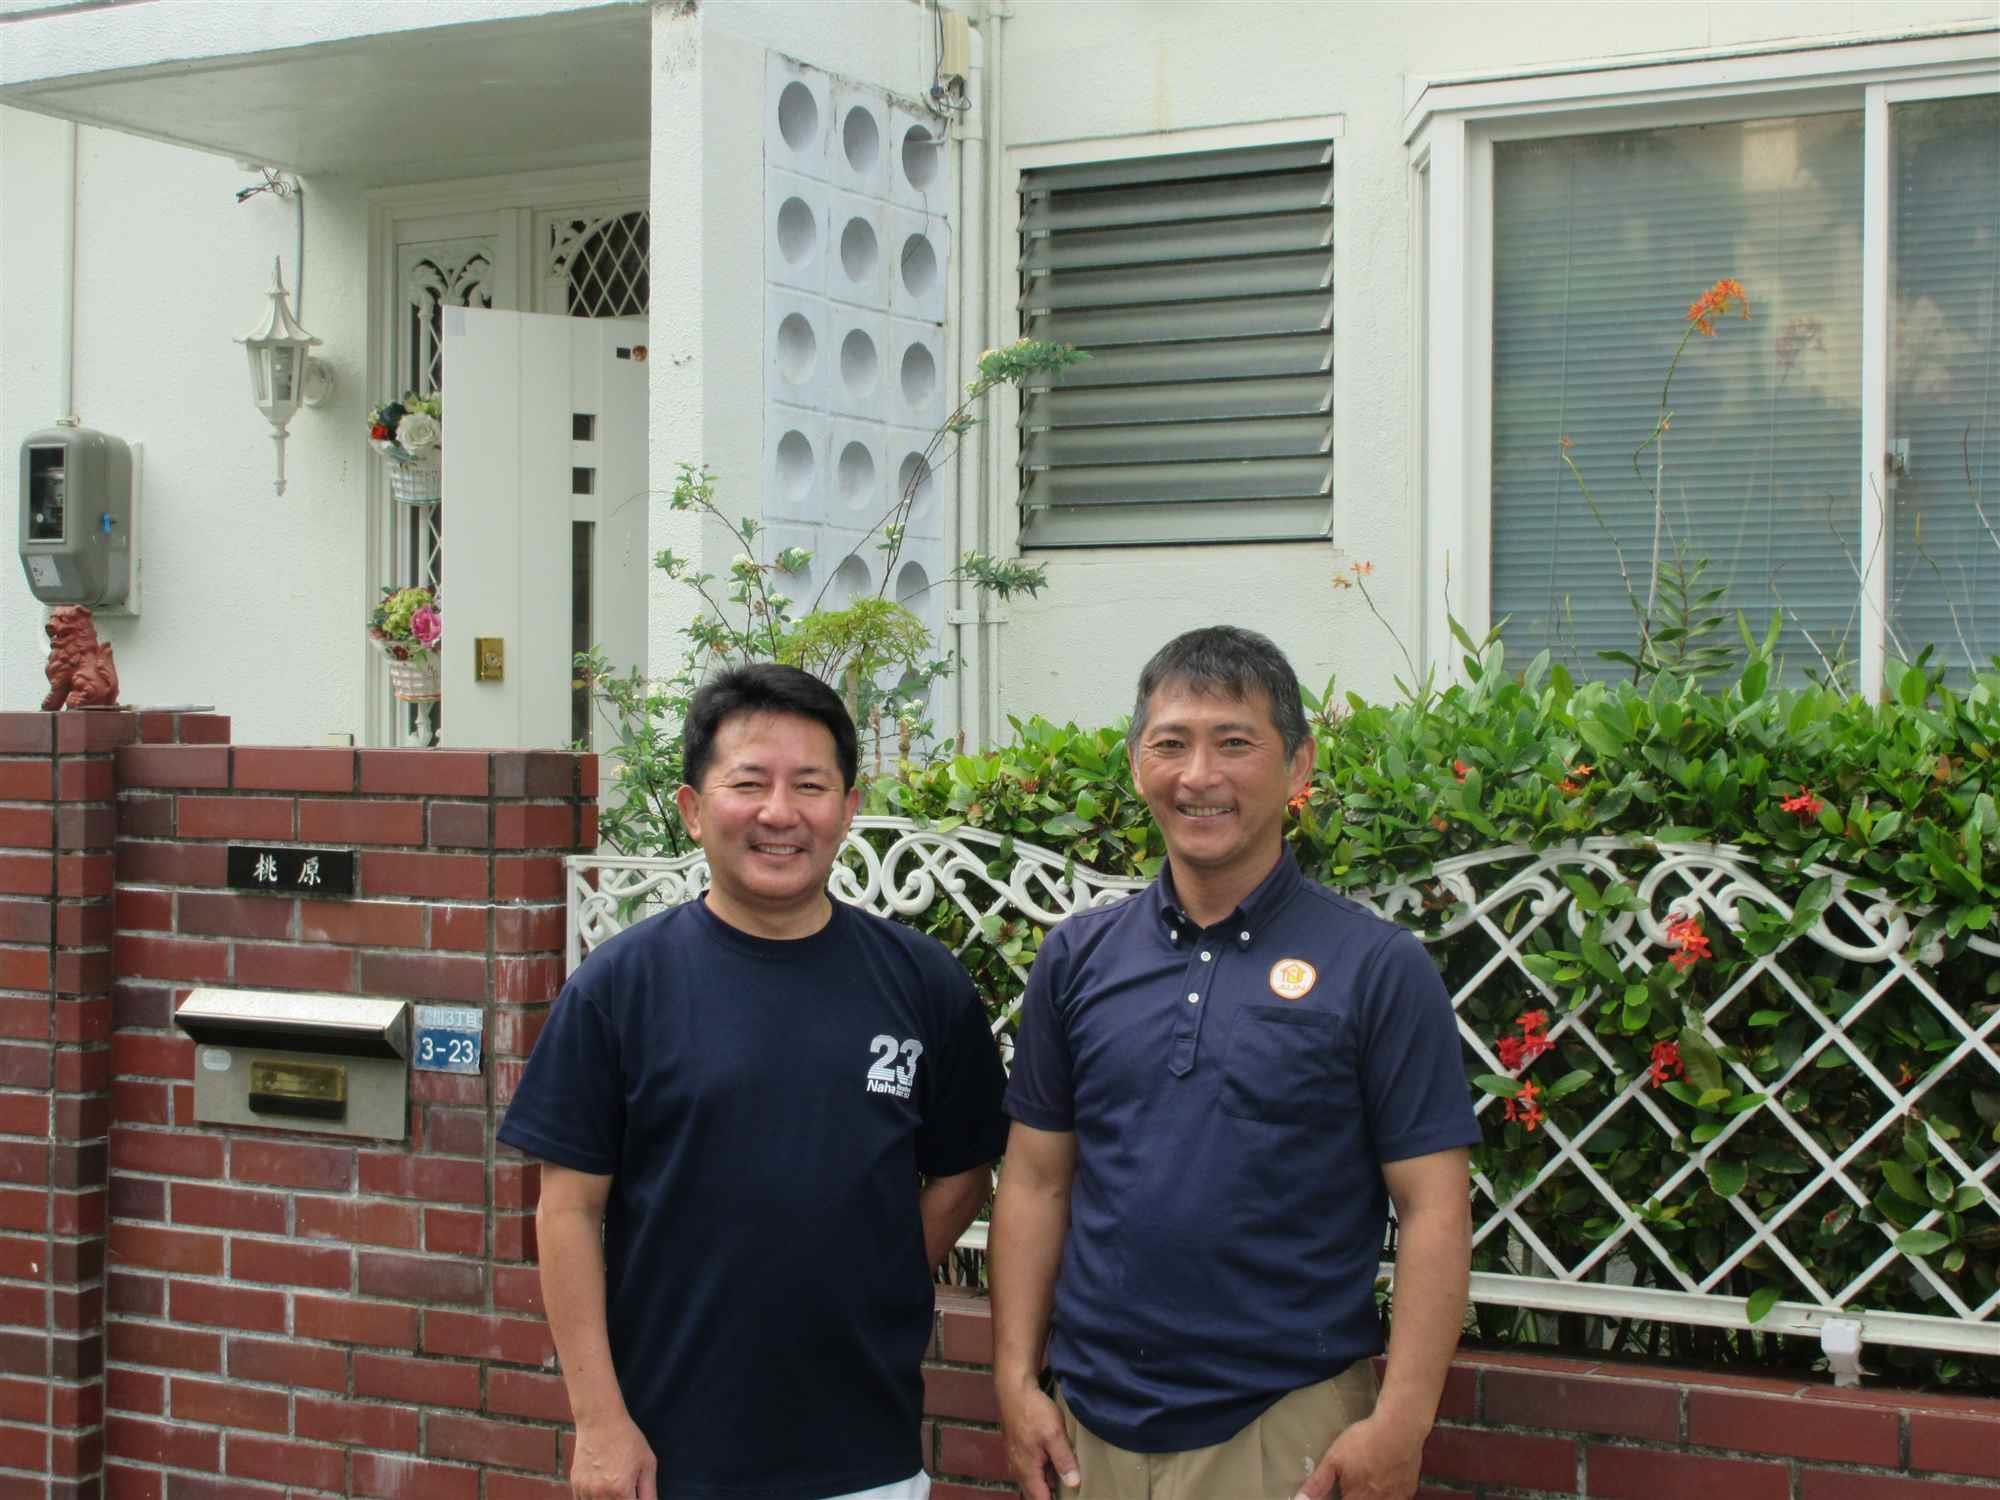 沖縄・那覇のリフォーム 実際のお客様の写真:対応がいい